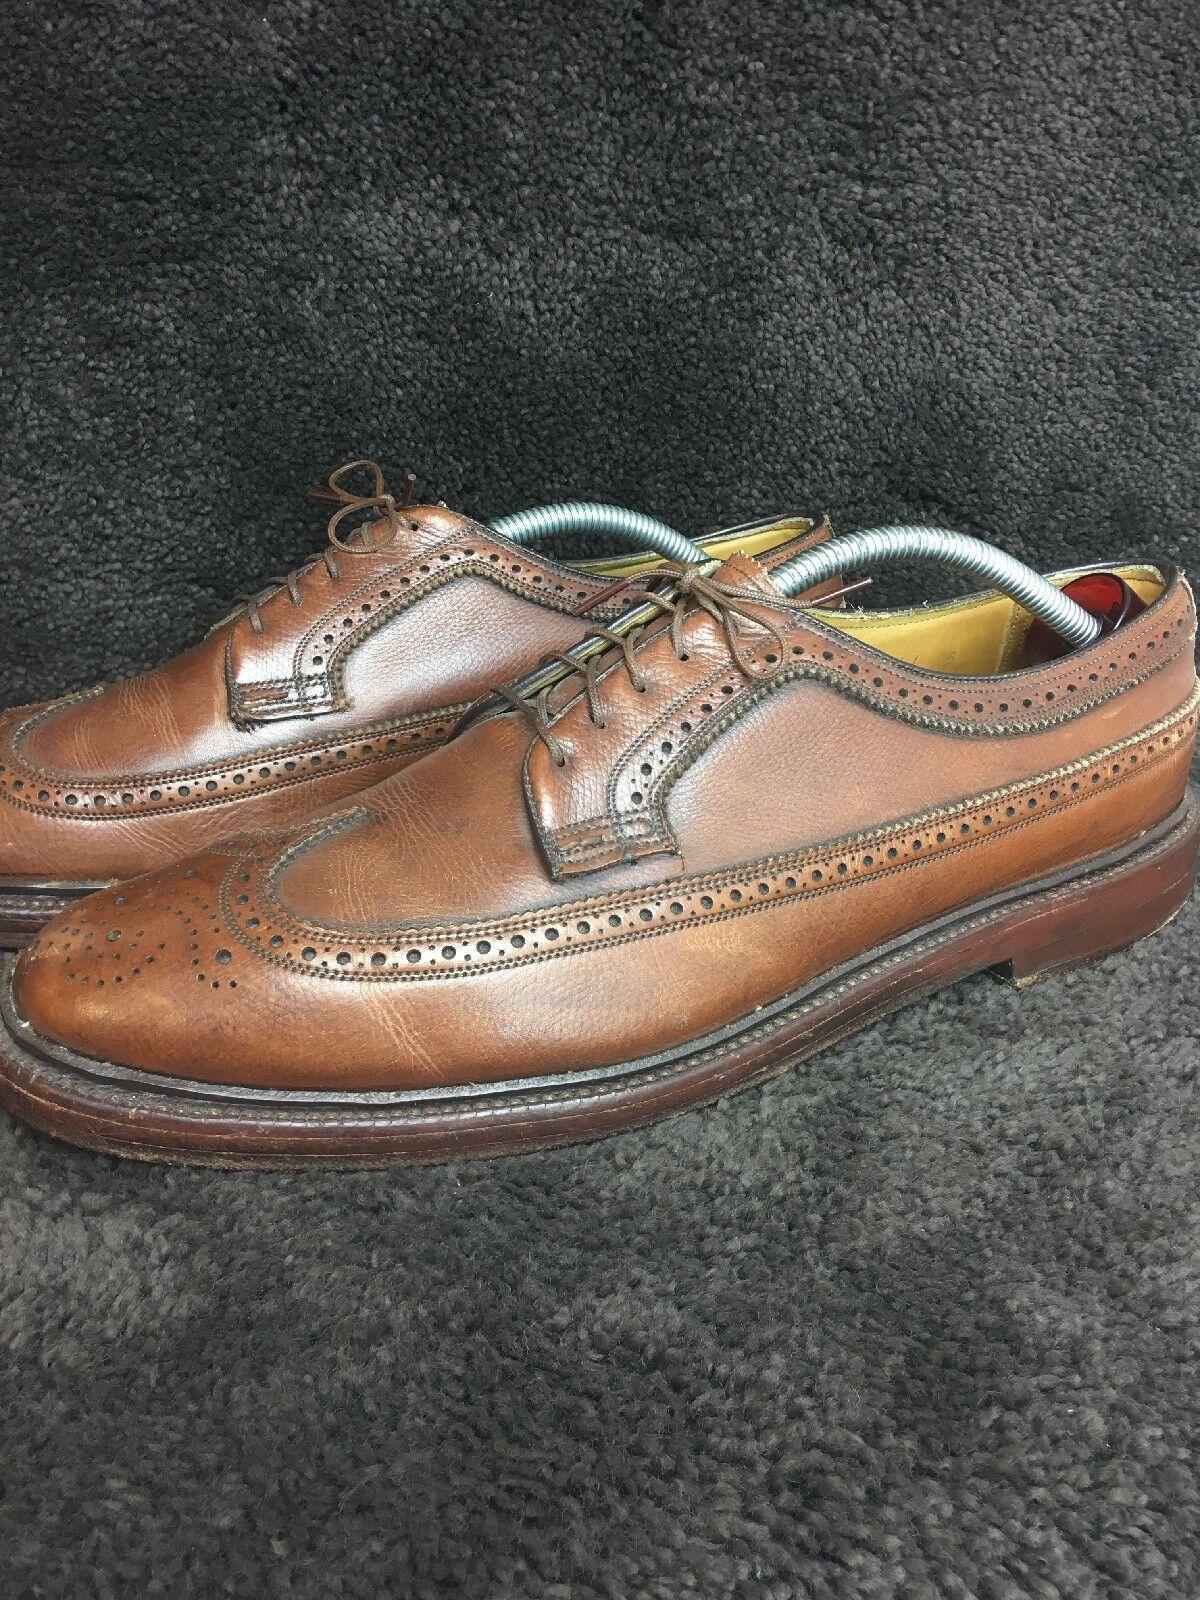 Vintage FLORSHEIM IMPERIAL KENMOOR 93602 Marron Bout D'Aile 5 Nail V Cale Sz 10.5 C 221